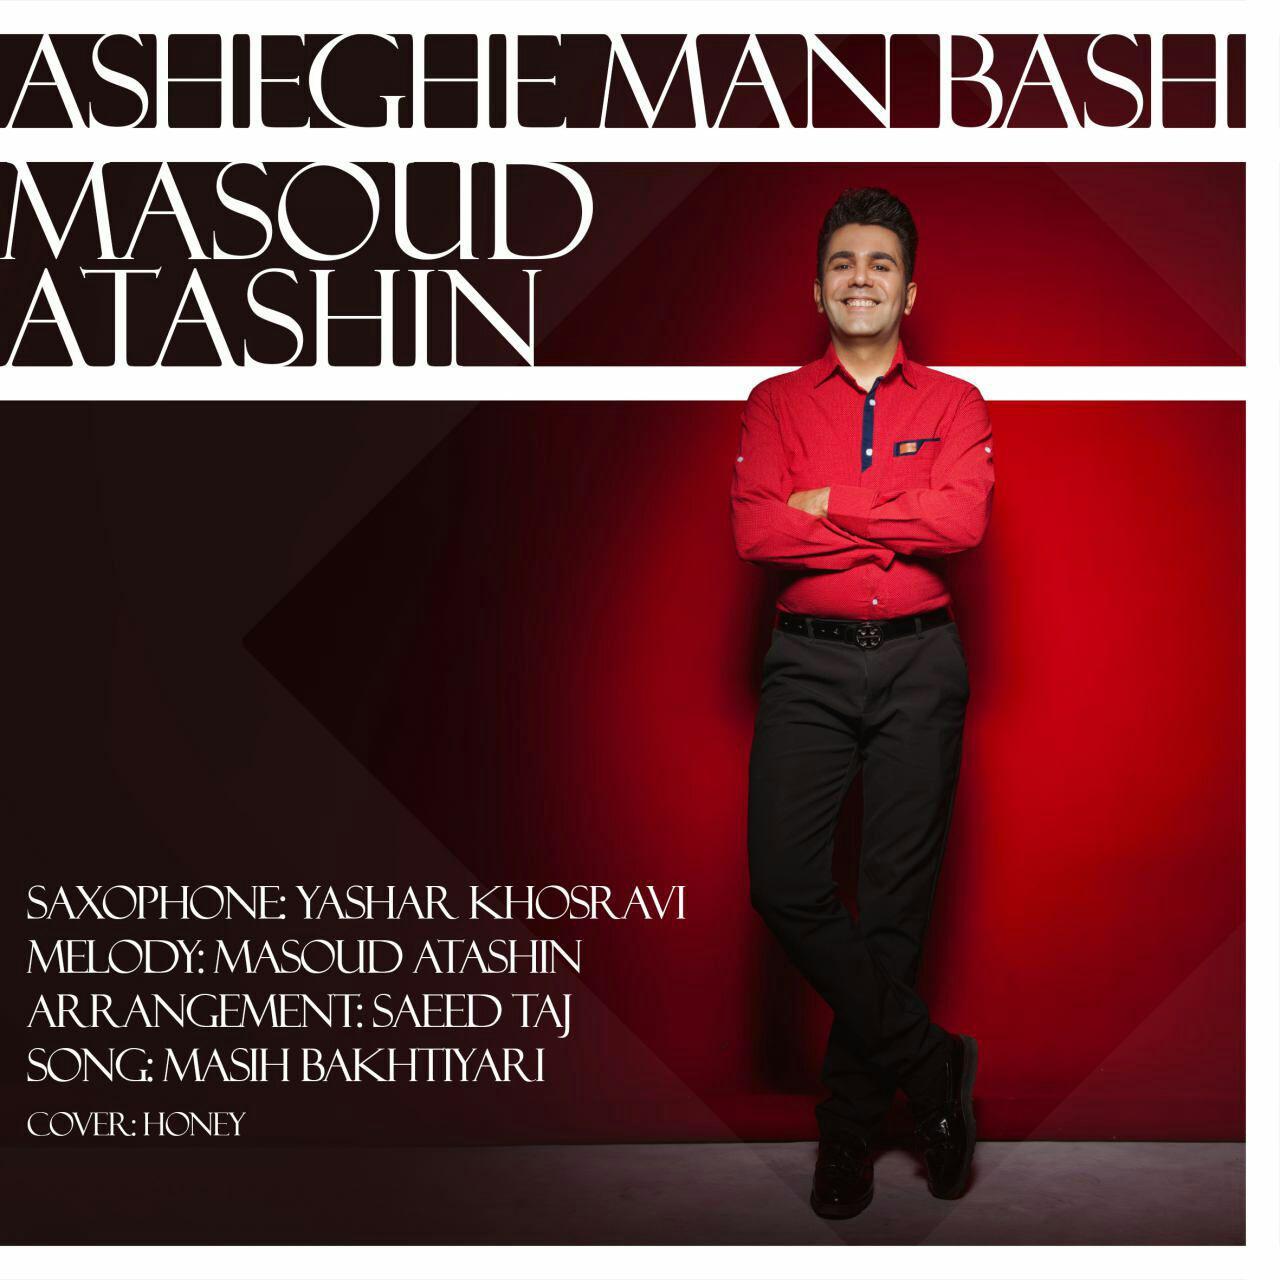 Masoud Atashin – Asheghe Man Bash